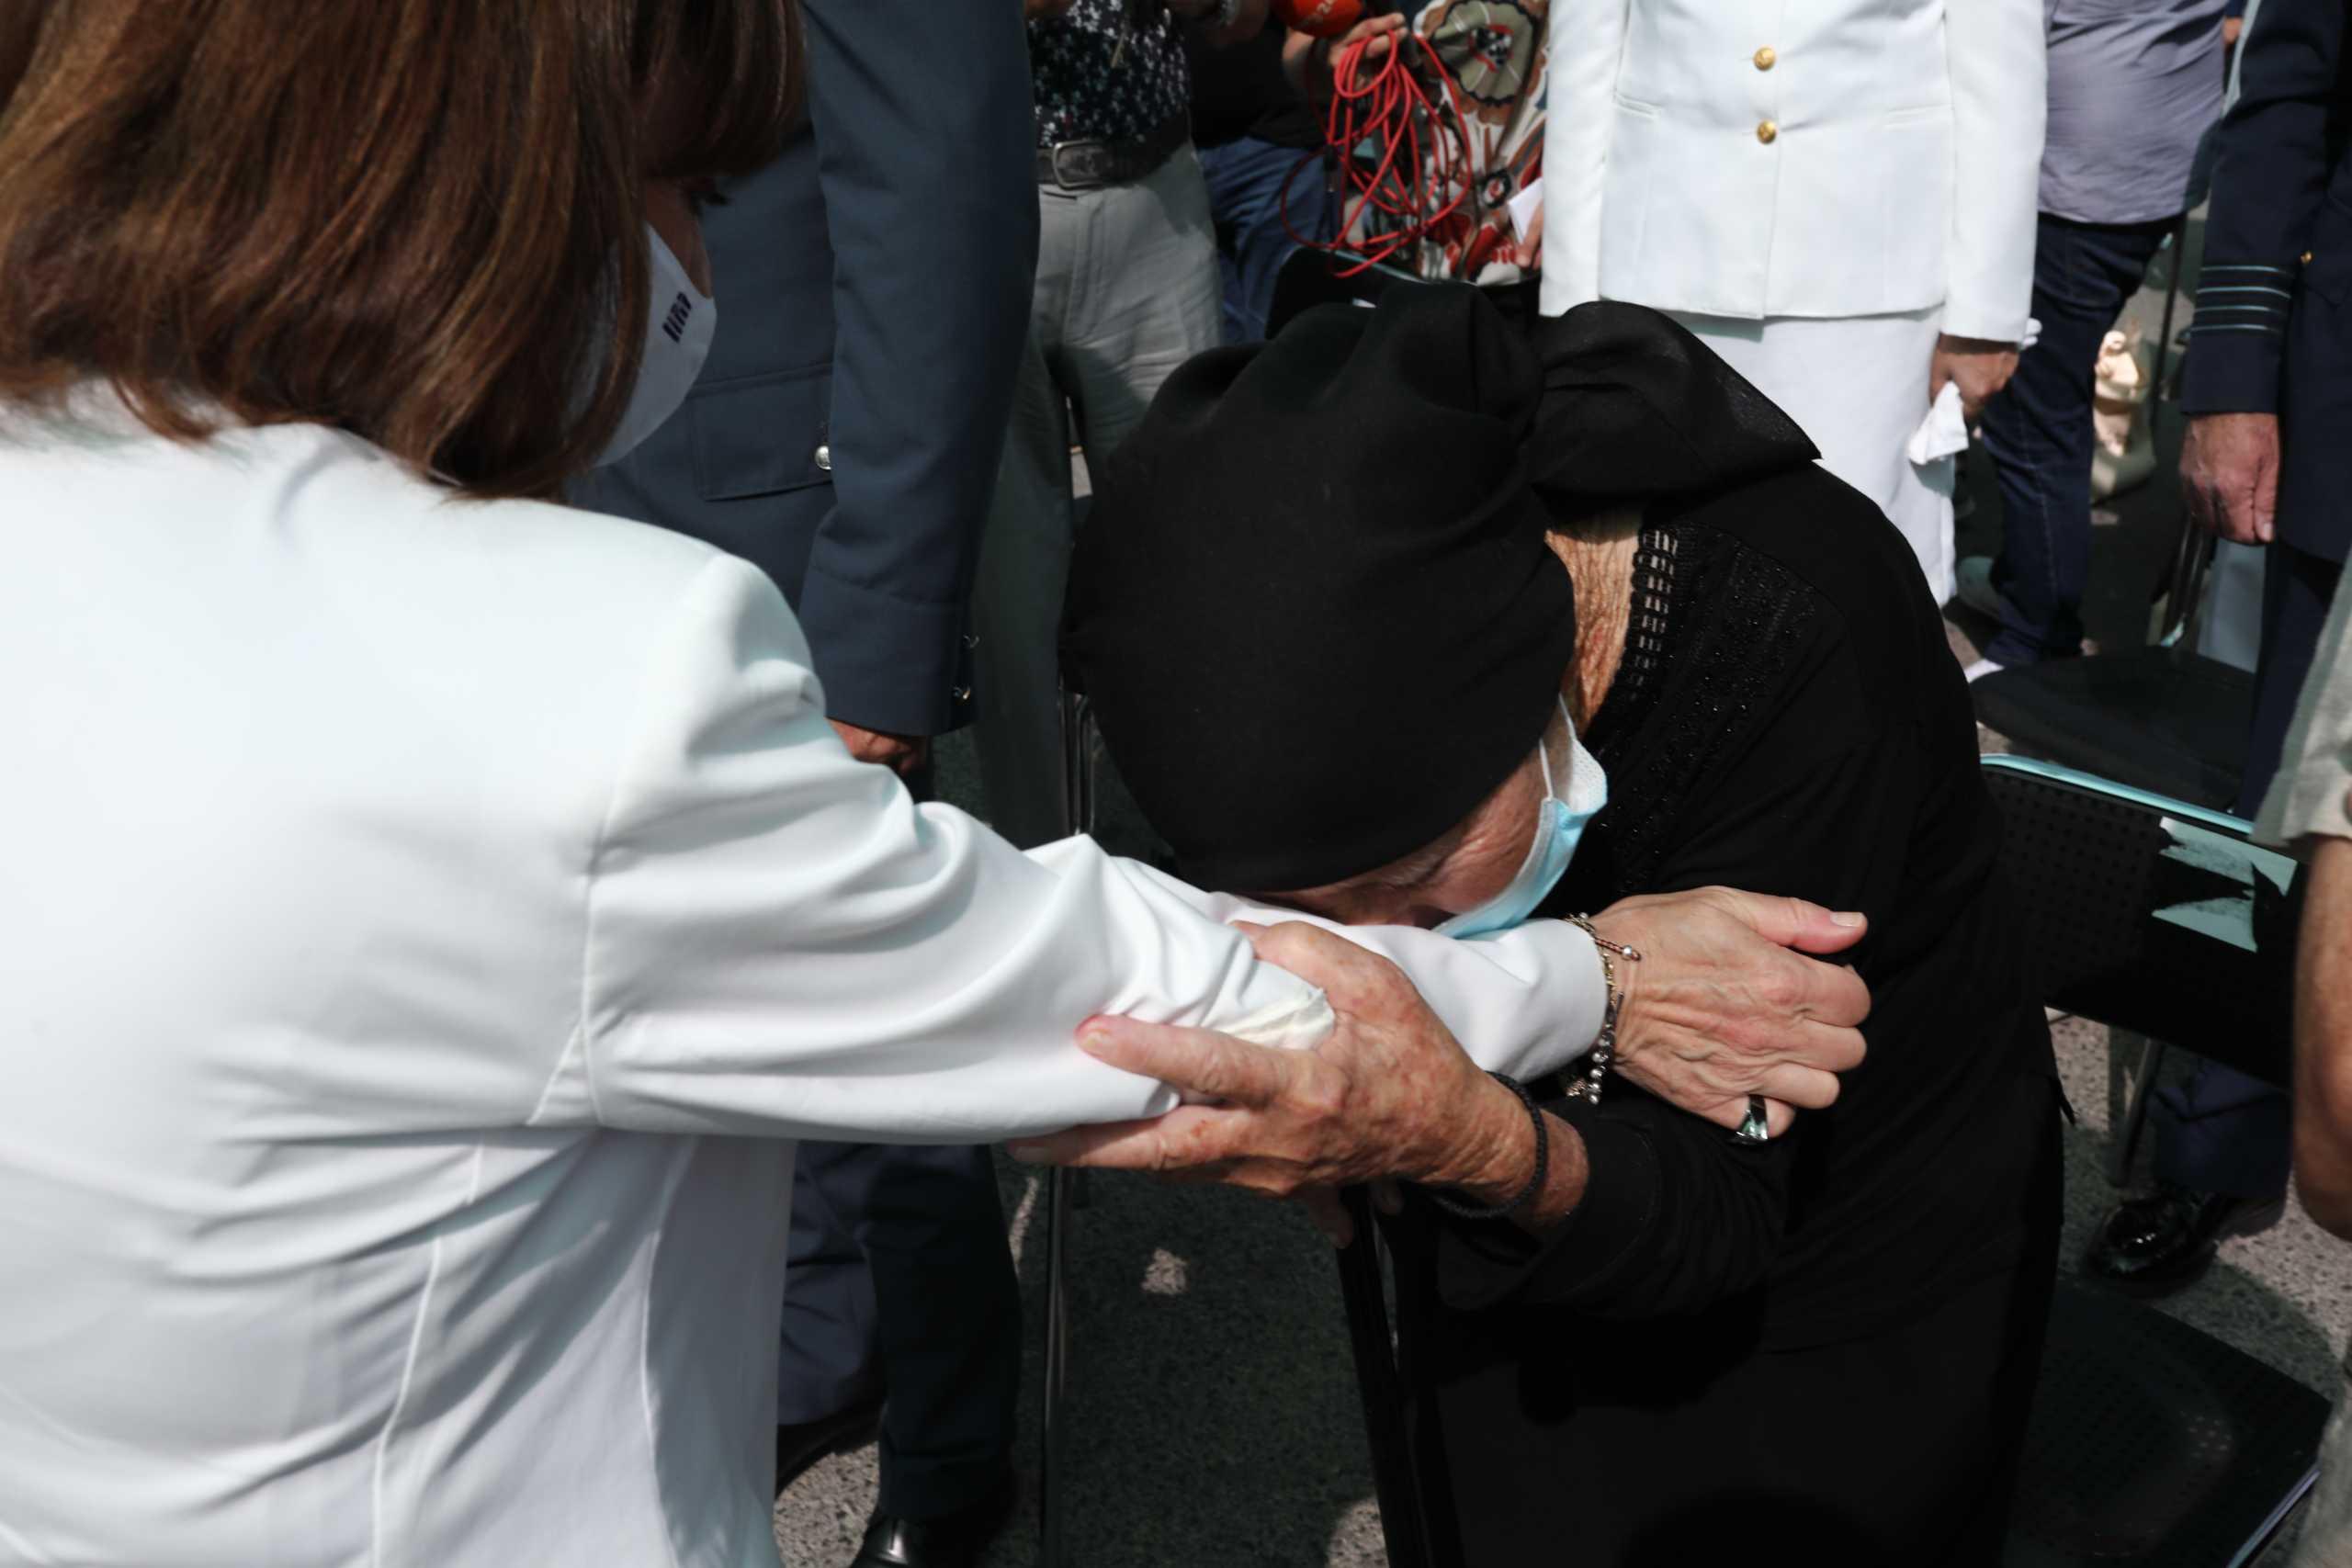 Κατερίνα Σακελλαροπούλου: Συγκίνηση και περηφάνια – Δάκρυσε στην επέτειο του Ολοκαυτώματος της Βιάννου